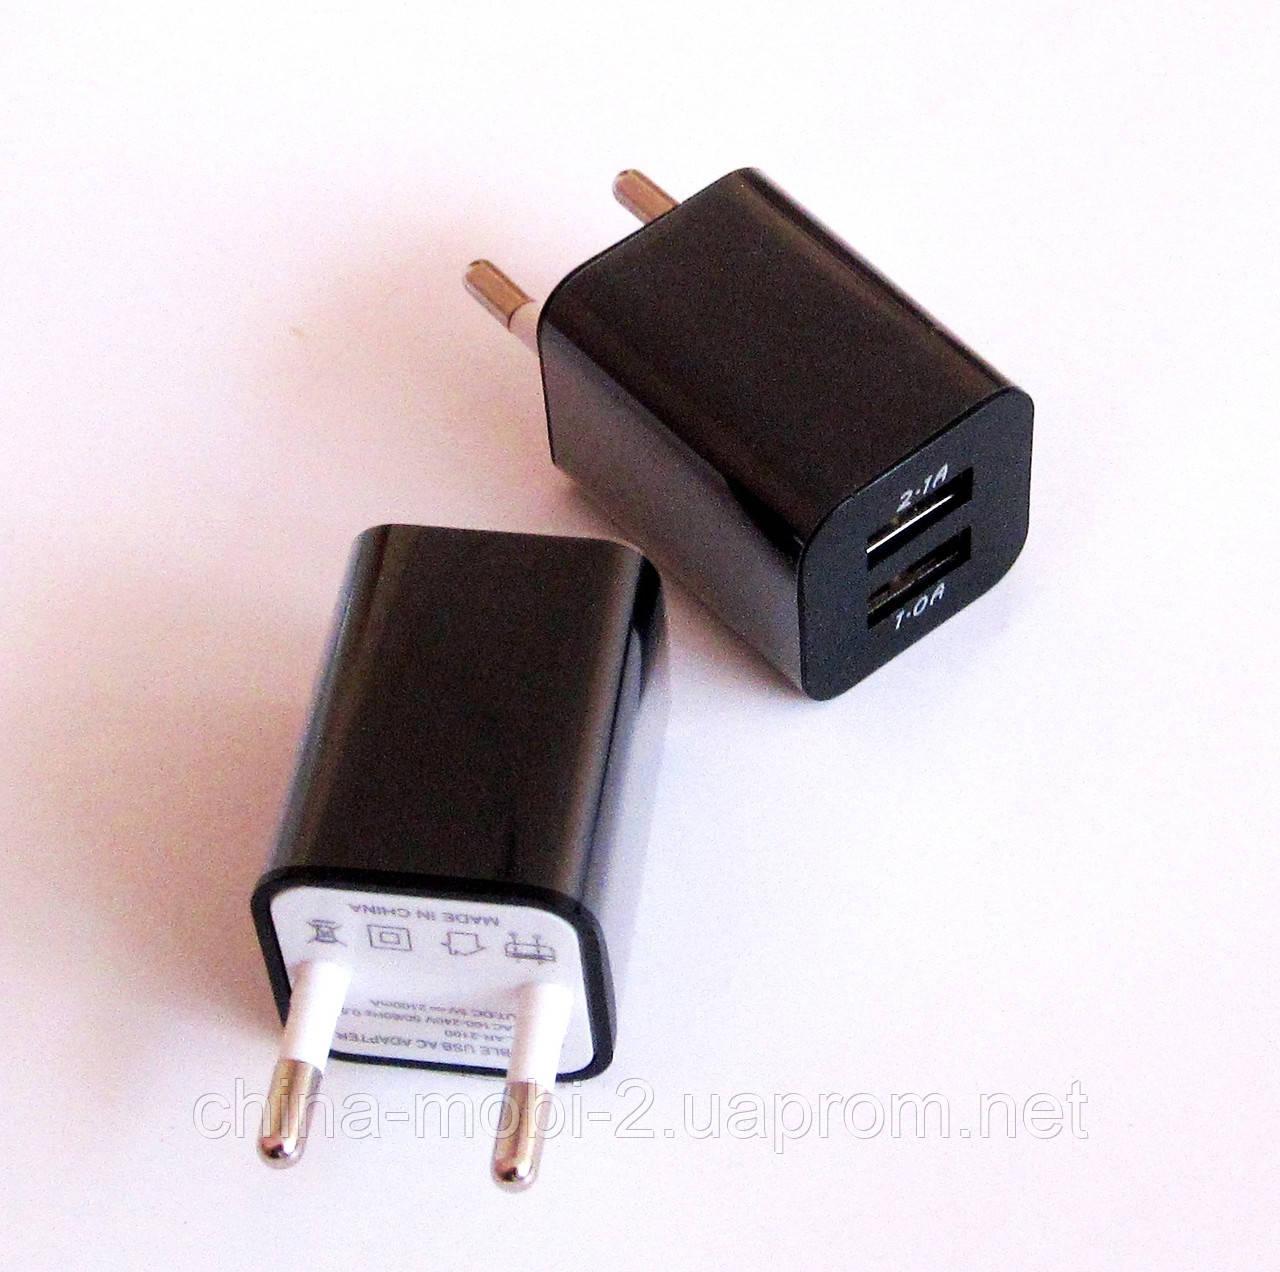 Универсальное зарядное устройство 2*usb, Адаптер 5В*2А +5В*1А  2210  new